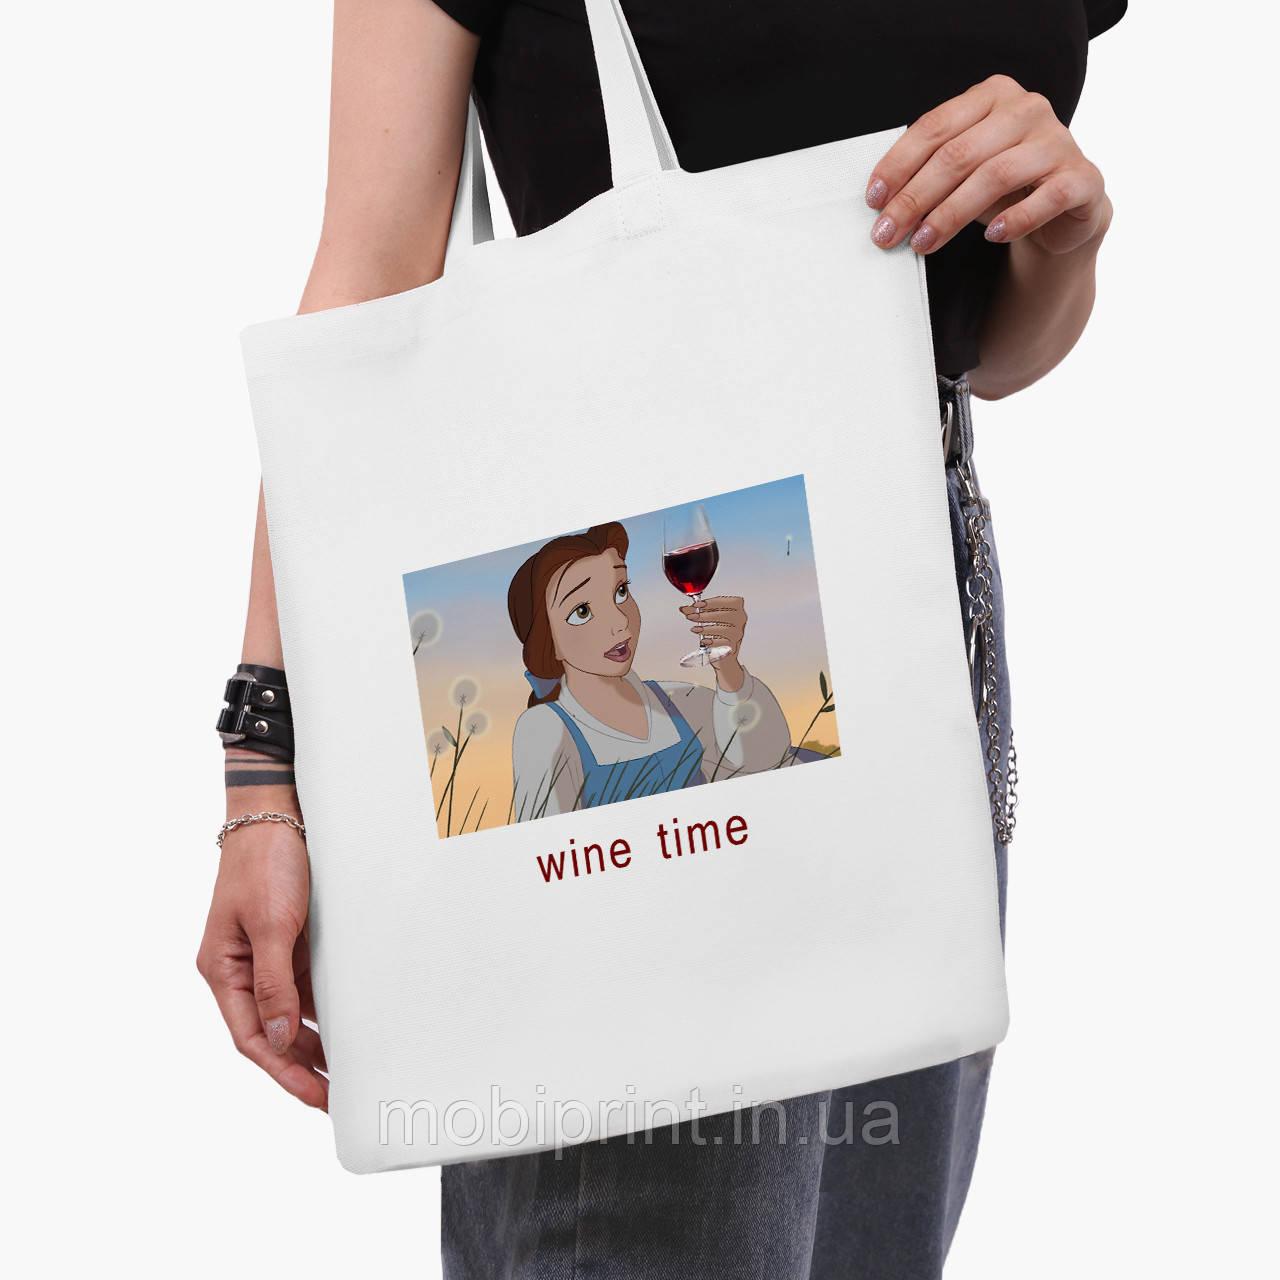 """Эко сумка шоппер белая Золушка """"Дисней"""" (Disney Cinderella) (9227-1429-3)  41*35 см"""